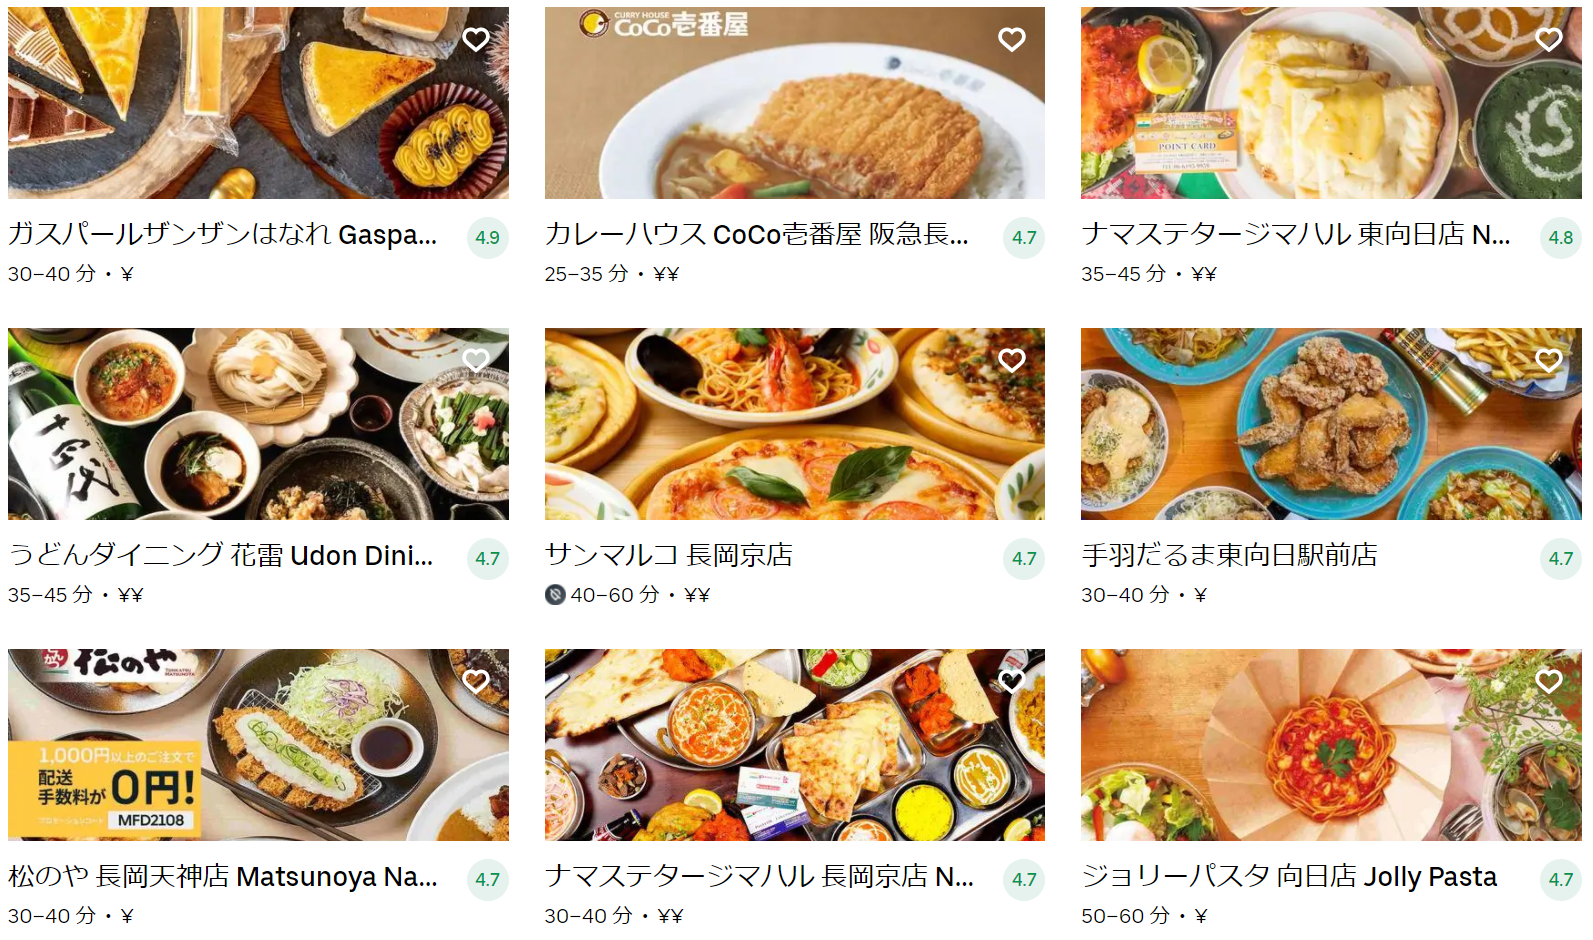 京都府長岡京市エリアのおすすめUber Eats(ウーバーイーツ)メニュー